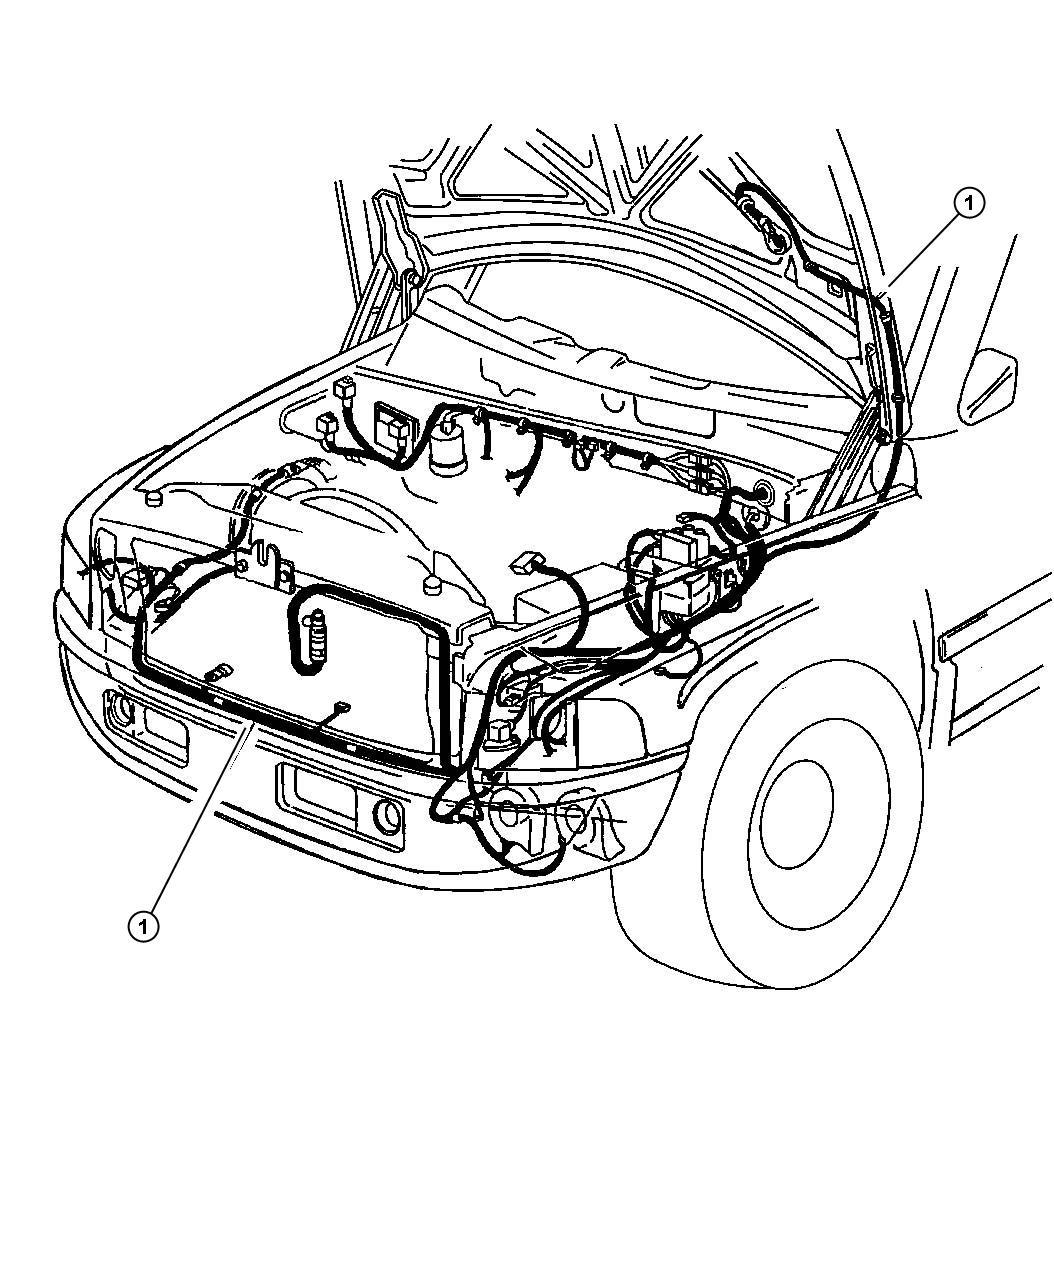 1997 Dodge Ram 2500 Wiring. Headlamp to dash. W/o abs & w